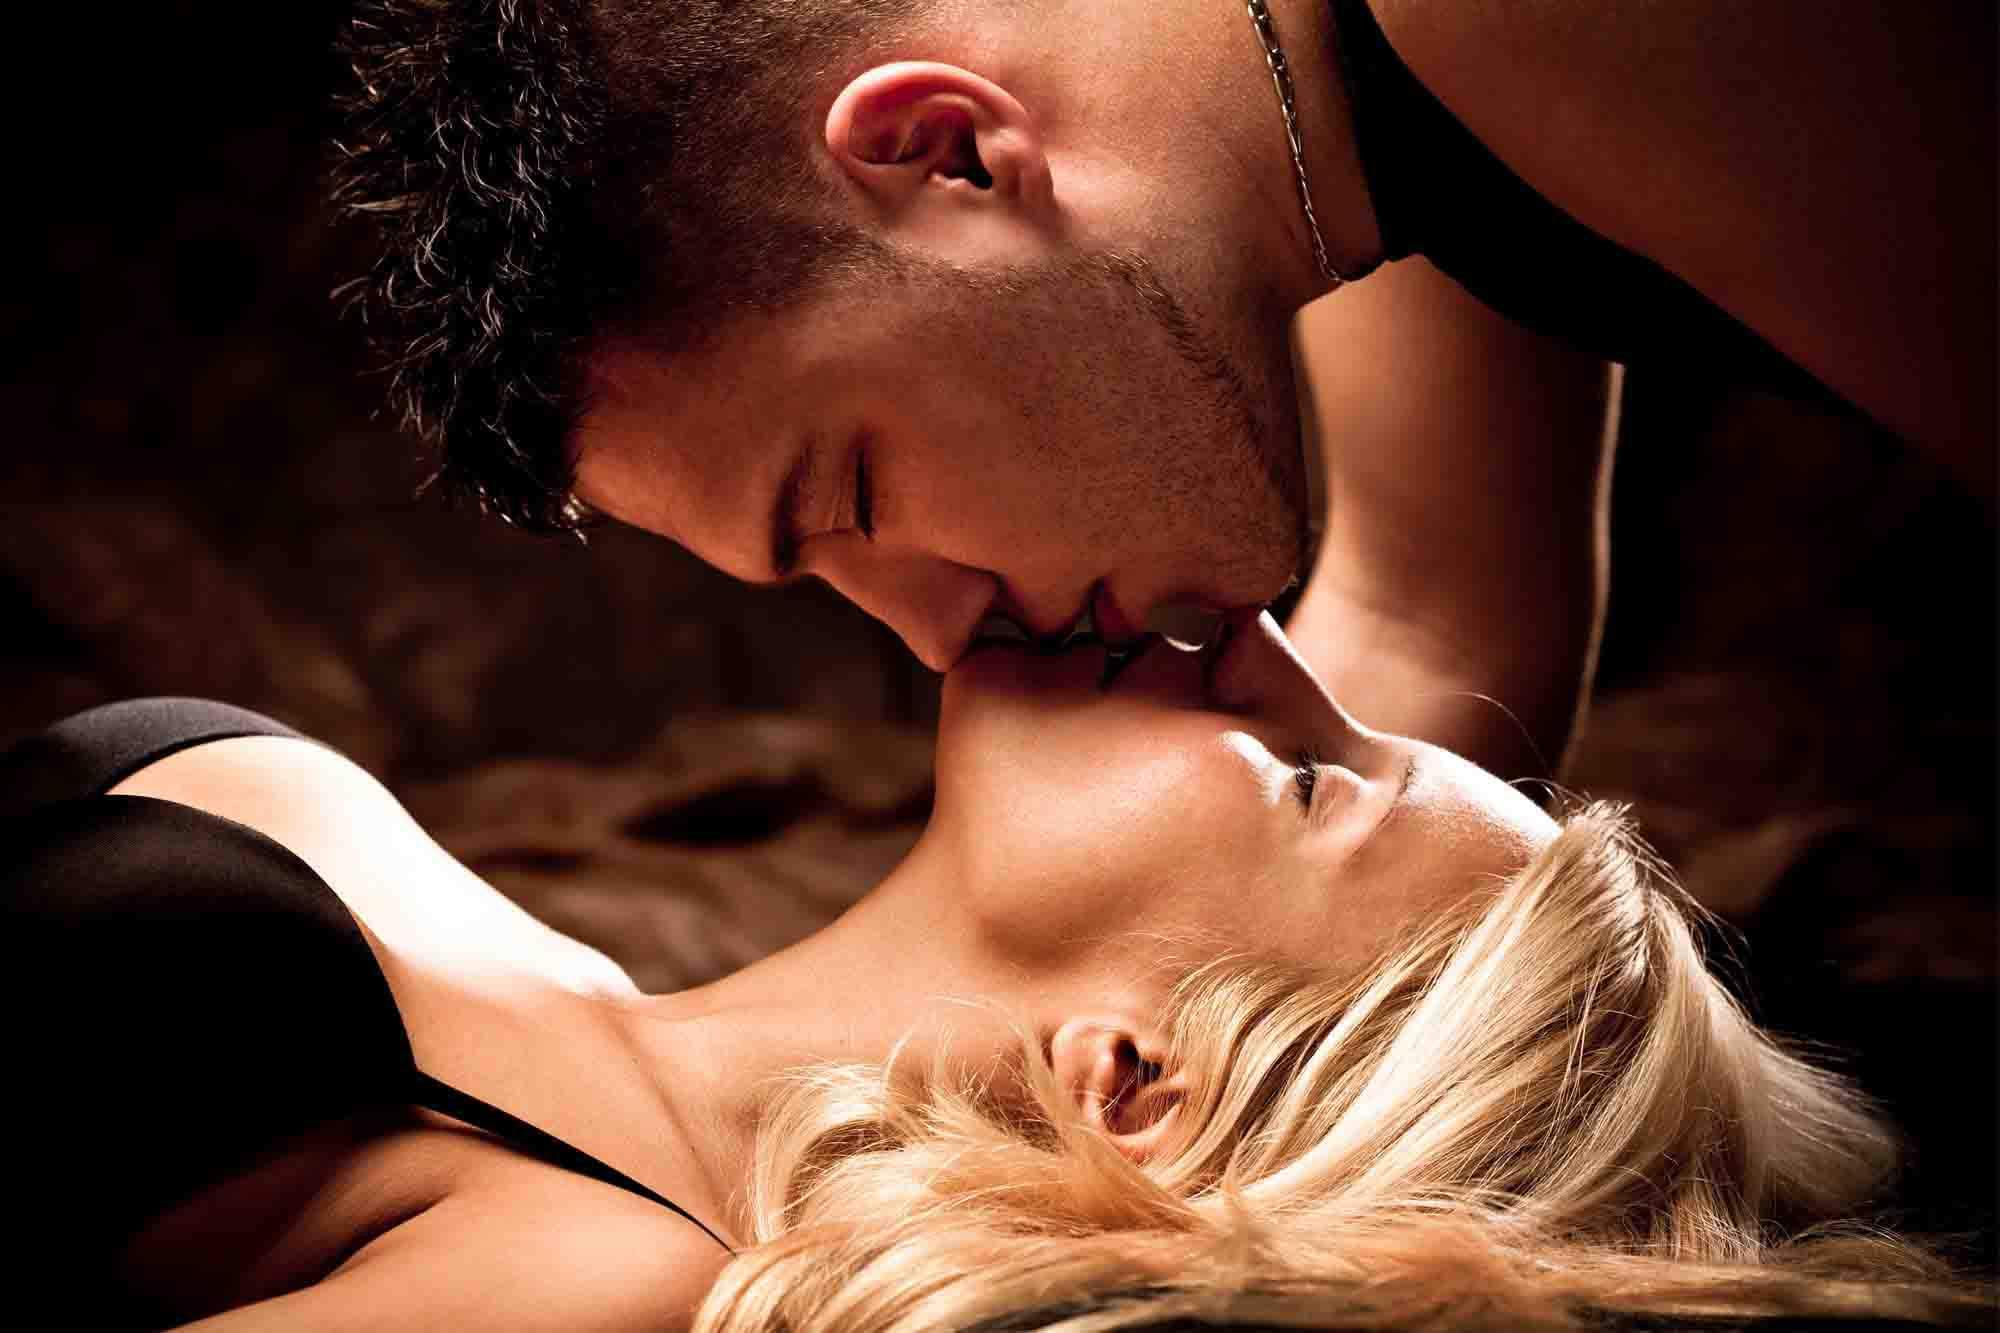 Порно романтика Ностальгия и романтика супер порно для